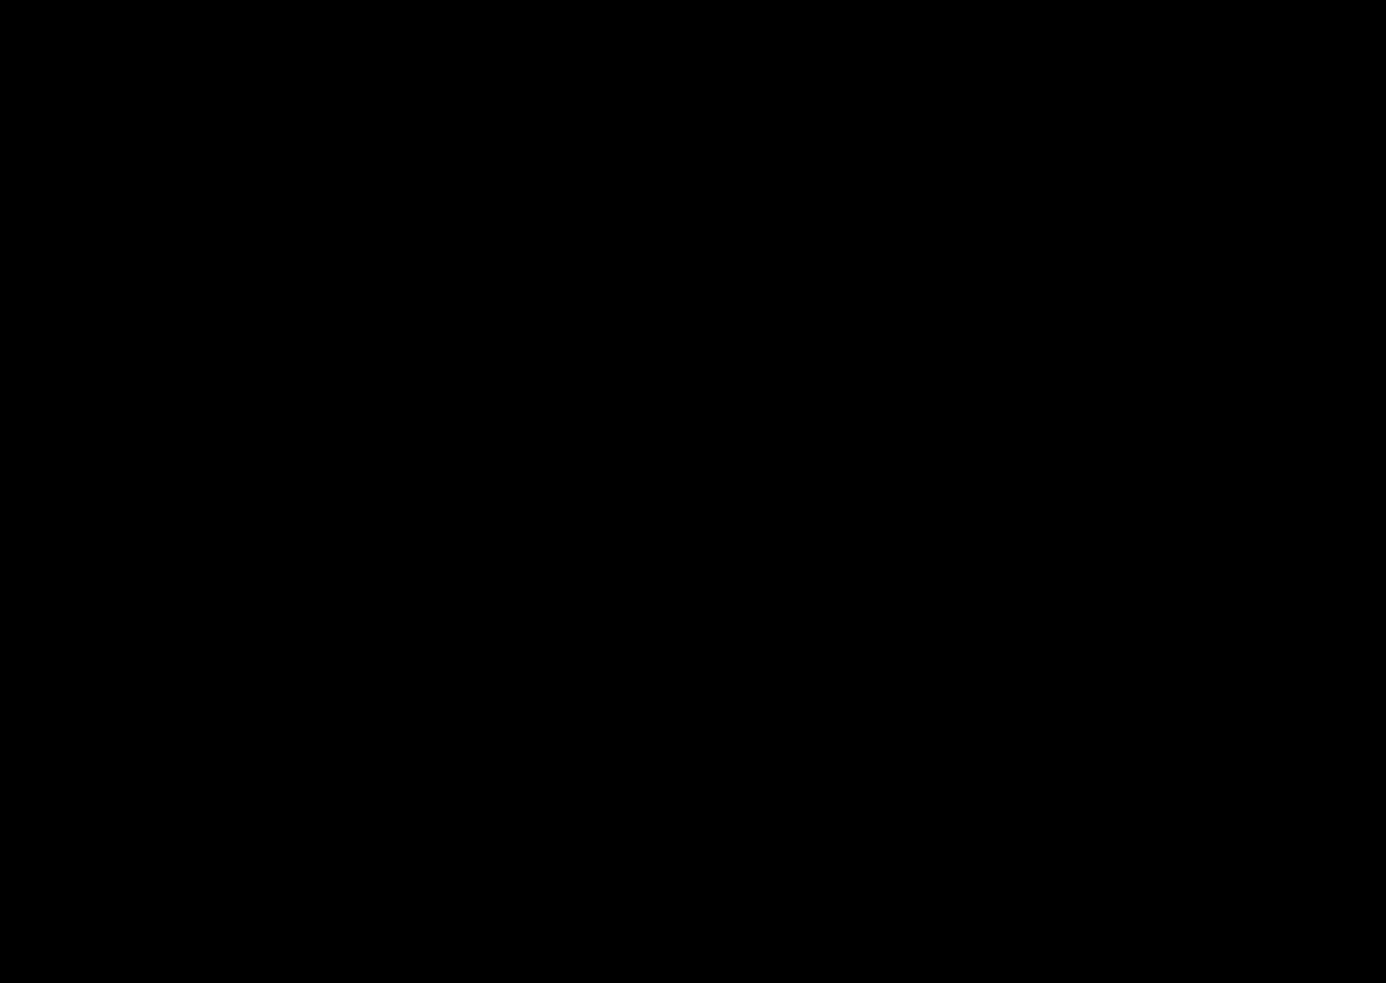 SHAPEDCHORDS